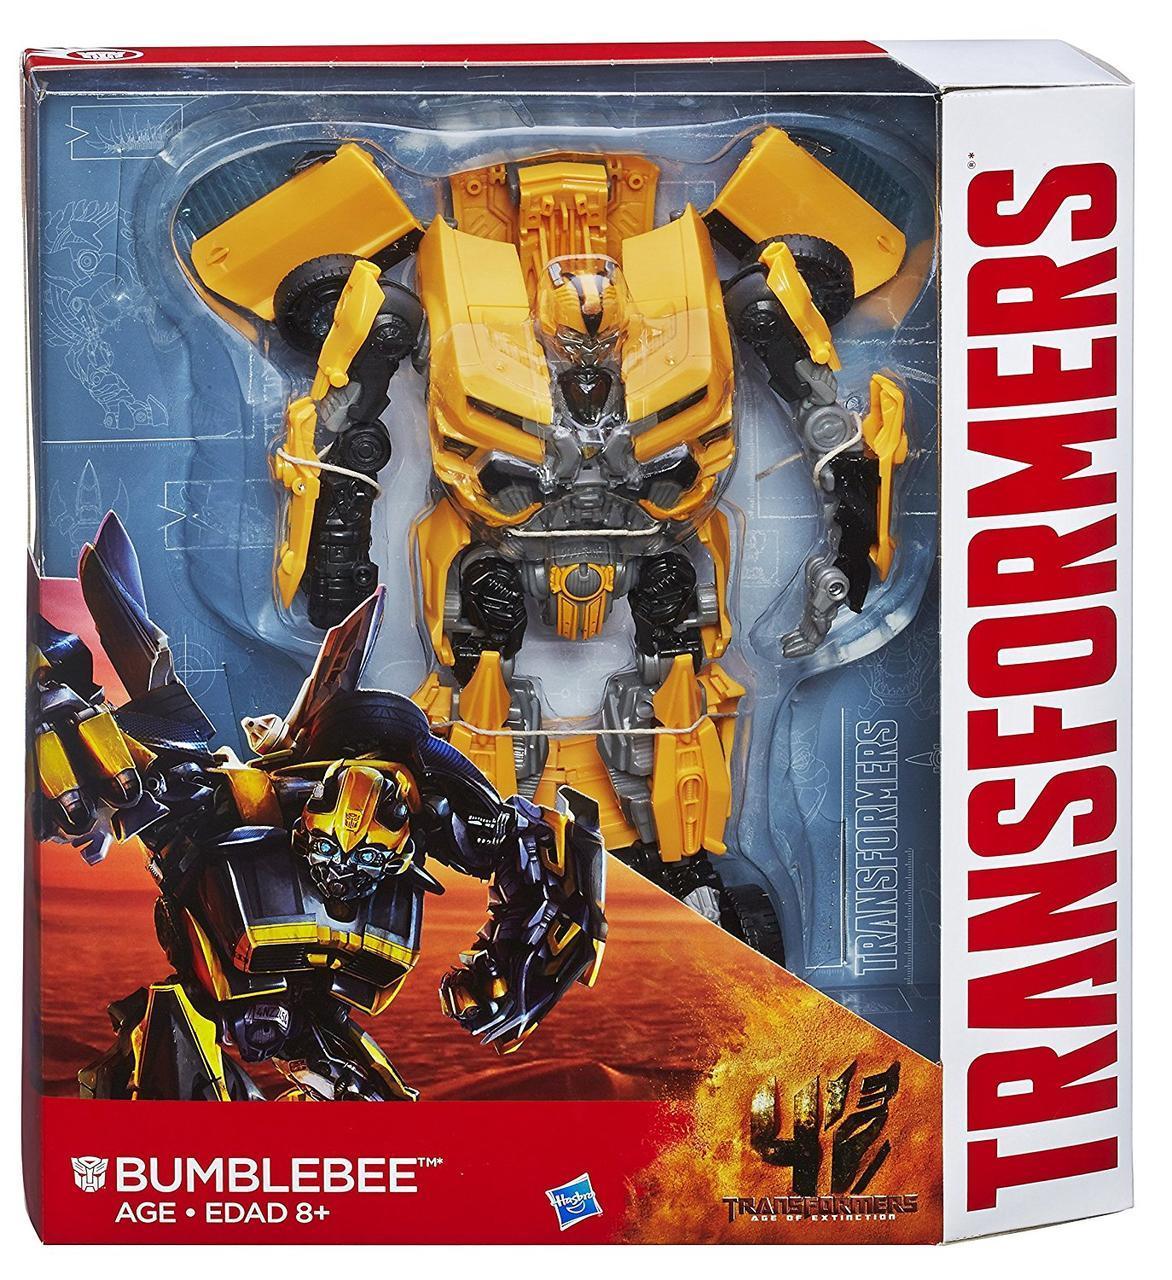 Робот-трансформер Бамблби Hasbro, Лидер Класс, 25см - Bumblebee, Эпоха Истребления